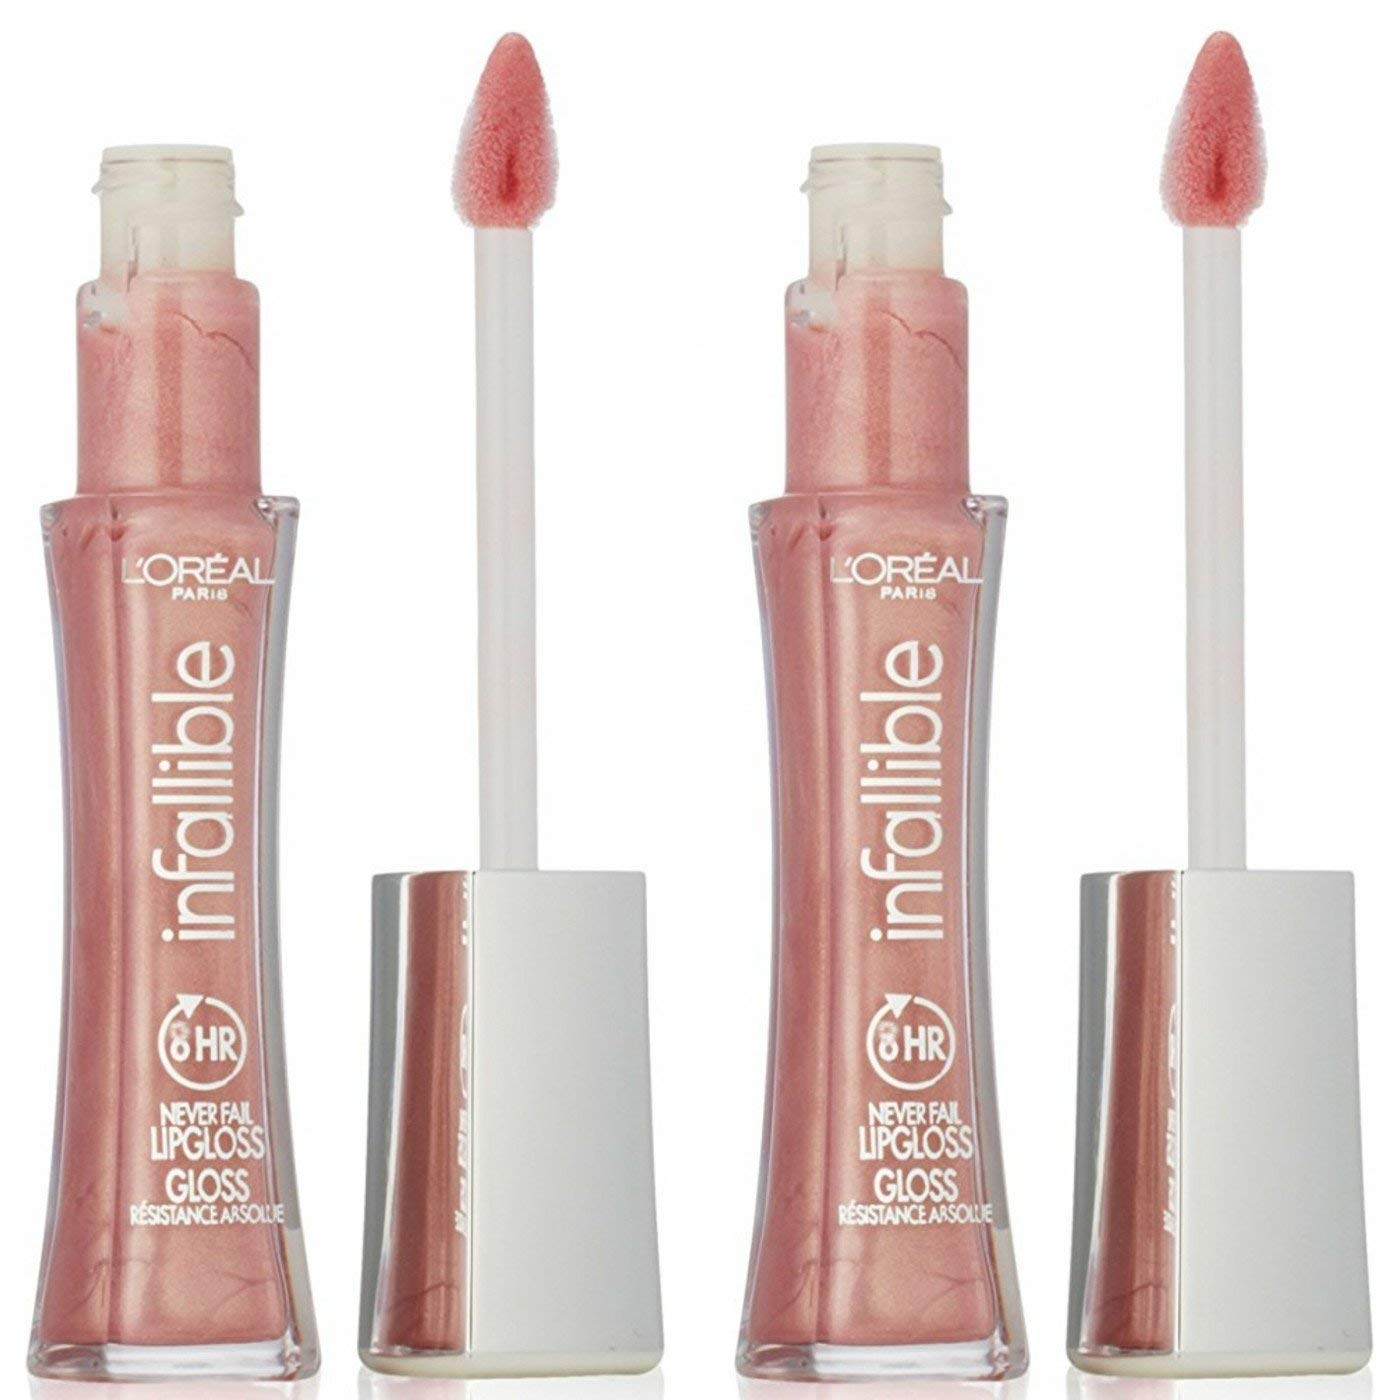 L'Oréal Paris Infallible 8 HR Pro Lip Gloss, Petal (Pack of 2)